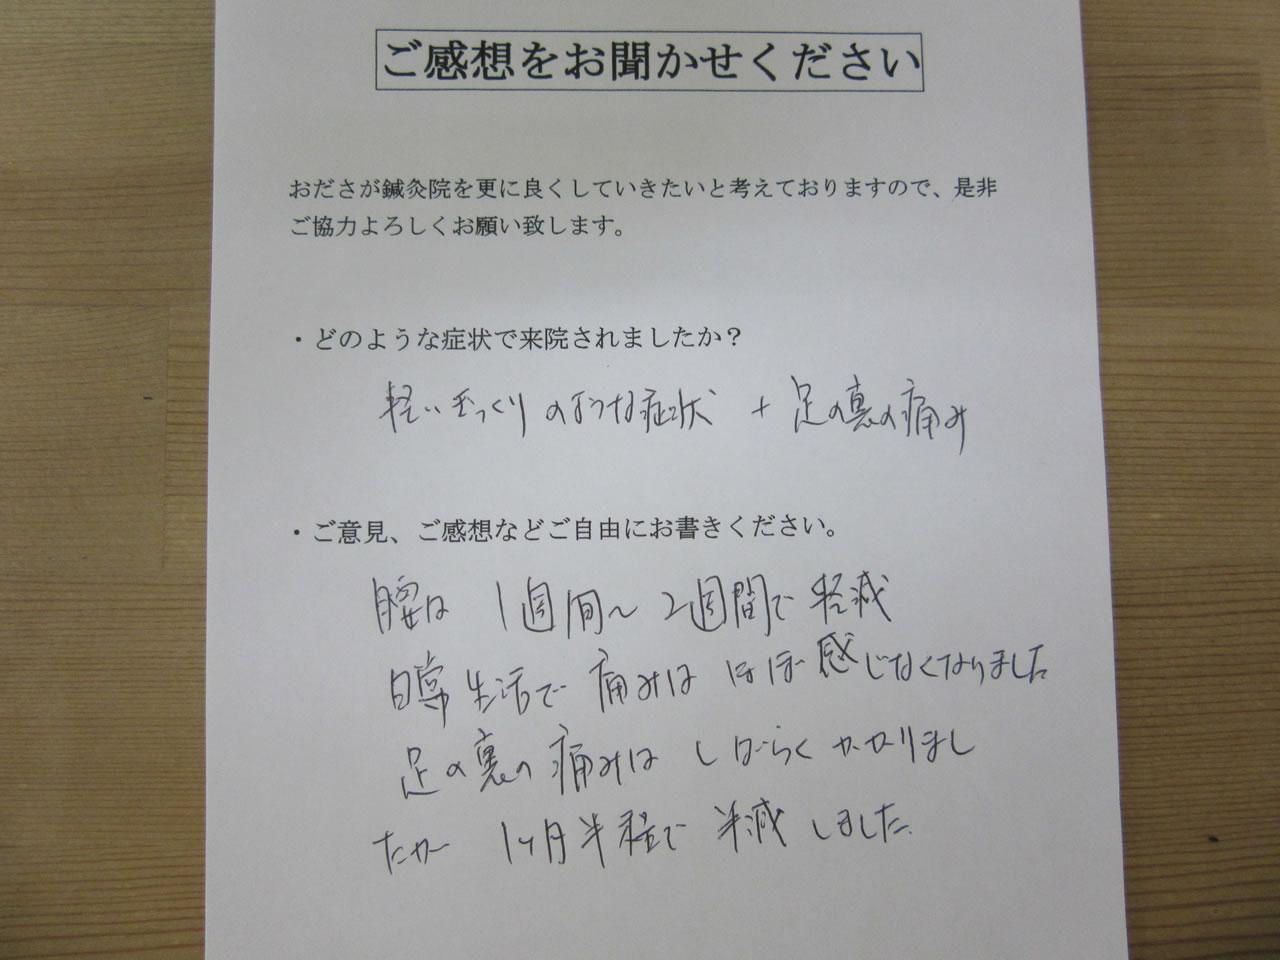 患者からの 手書き手紙 税理士 急性腰痛、足裏の痛み